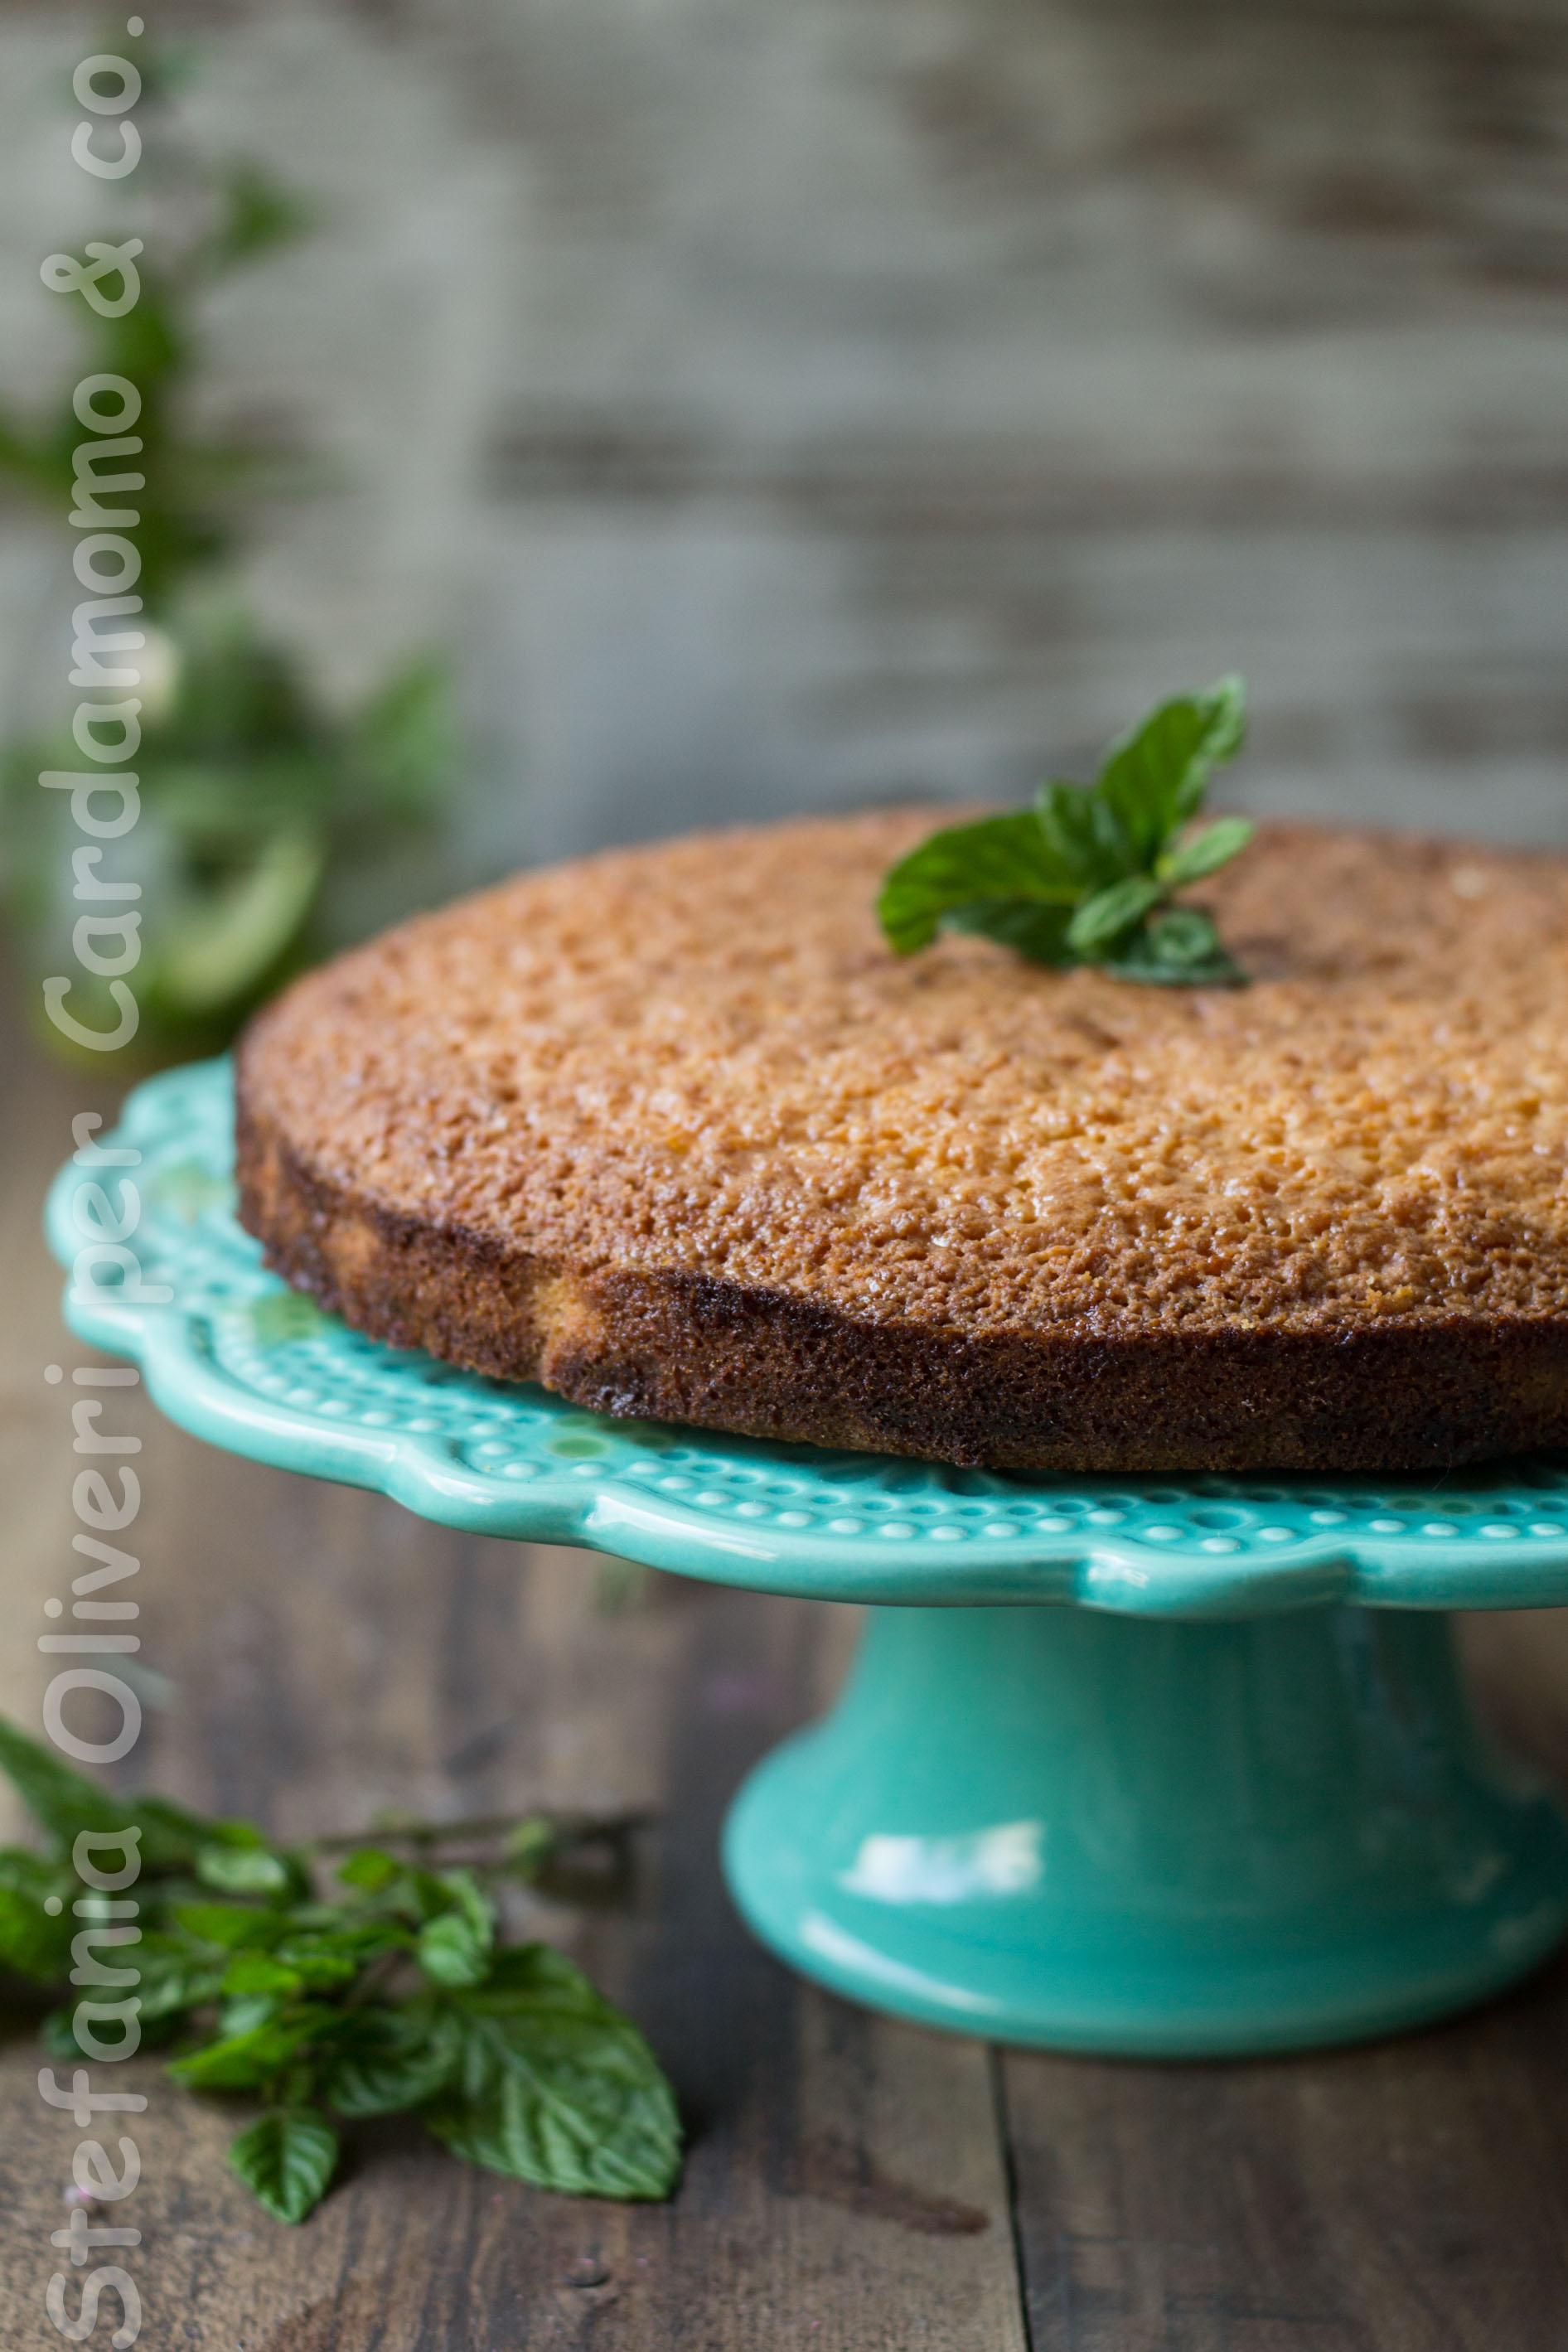 Torta al mojito senza glutine naturalmente - Cardamomo & co